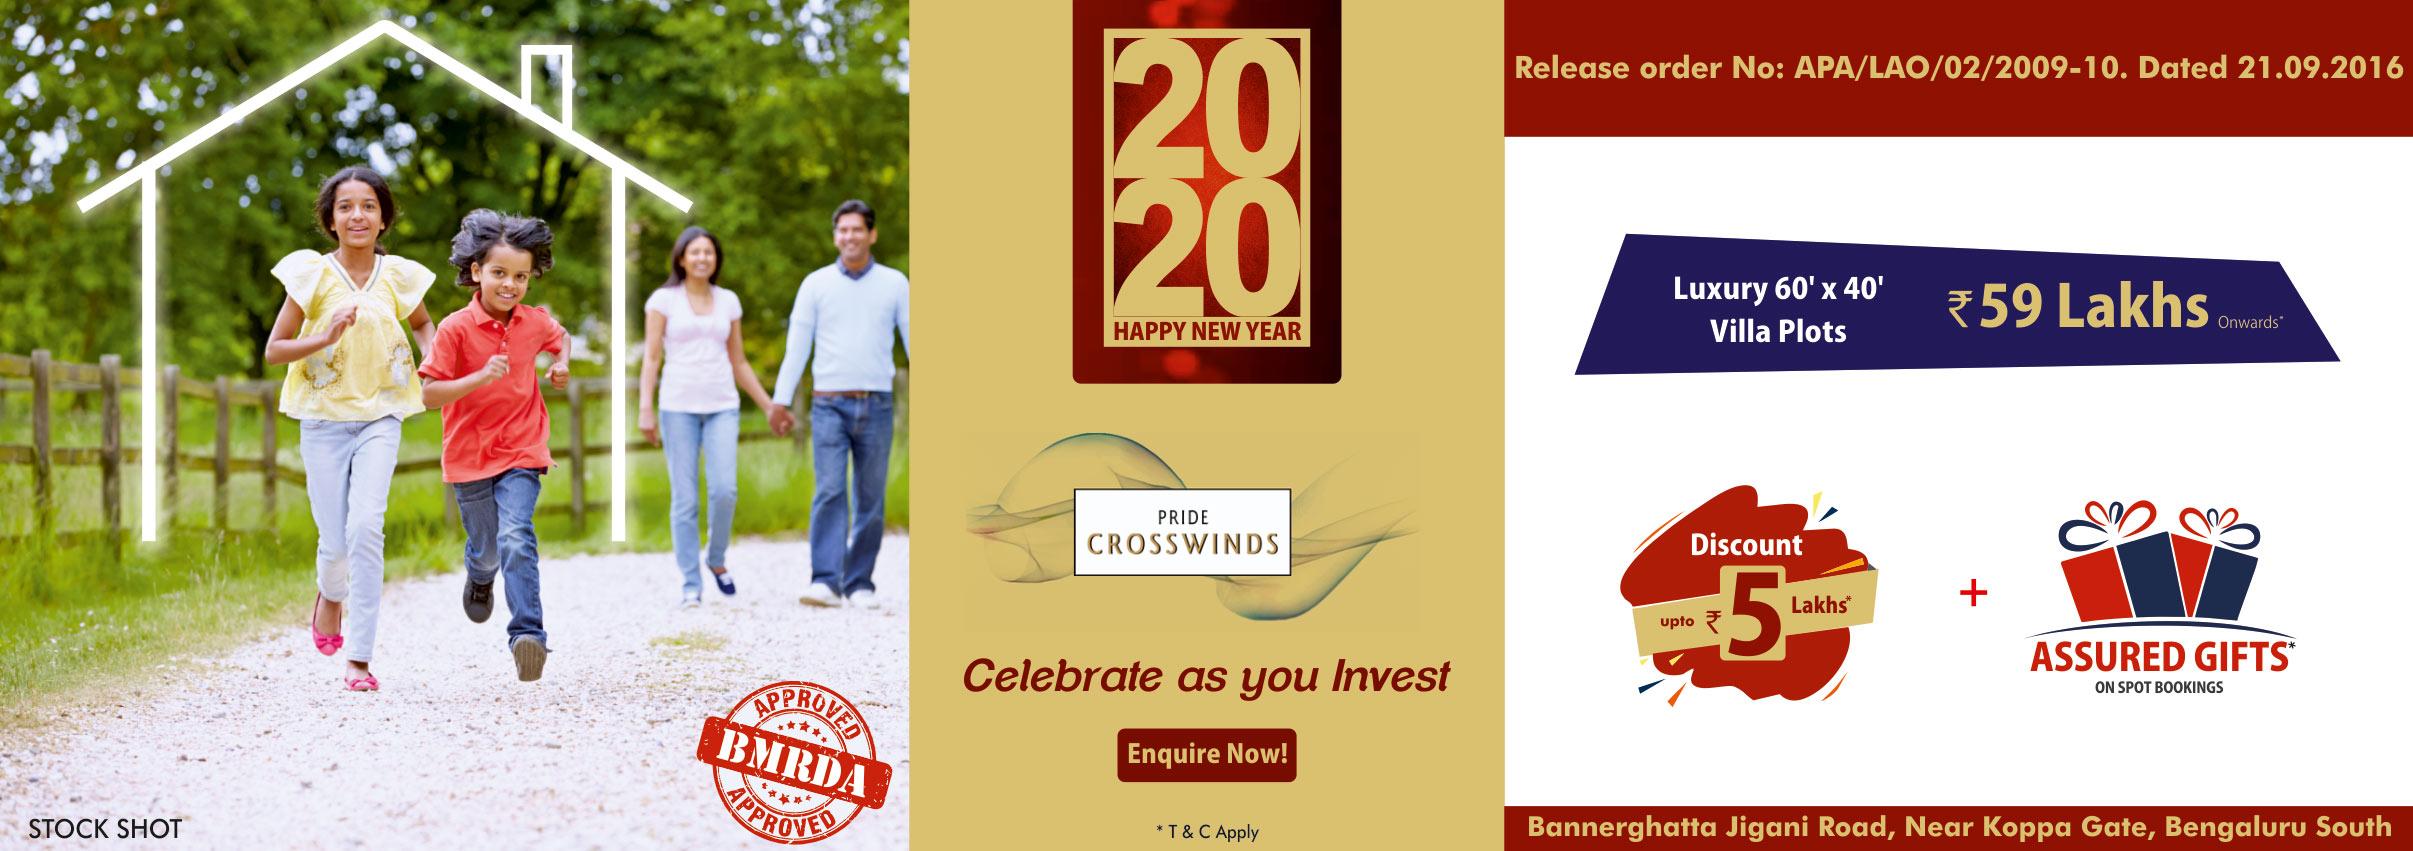 Crosswinds Villa Plots - jan2020